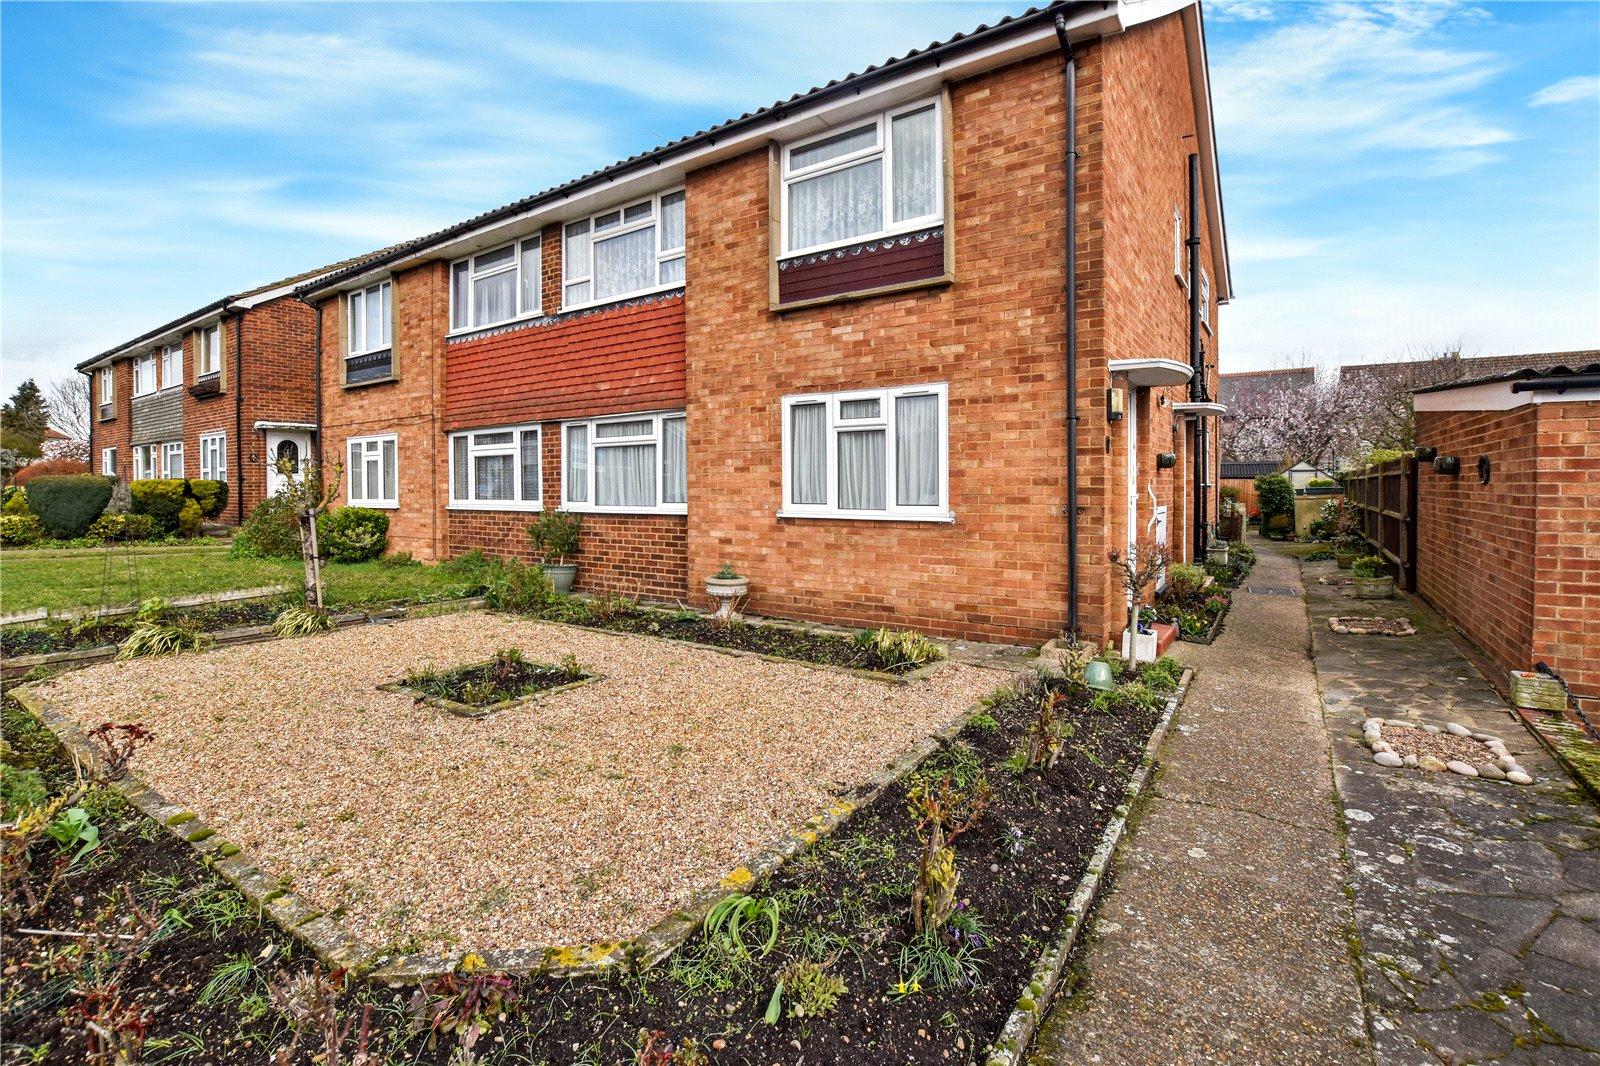 Barton Close, Bexleyheath, Kent, DA6